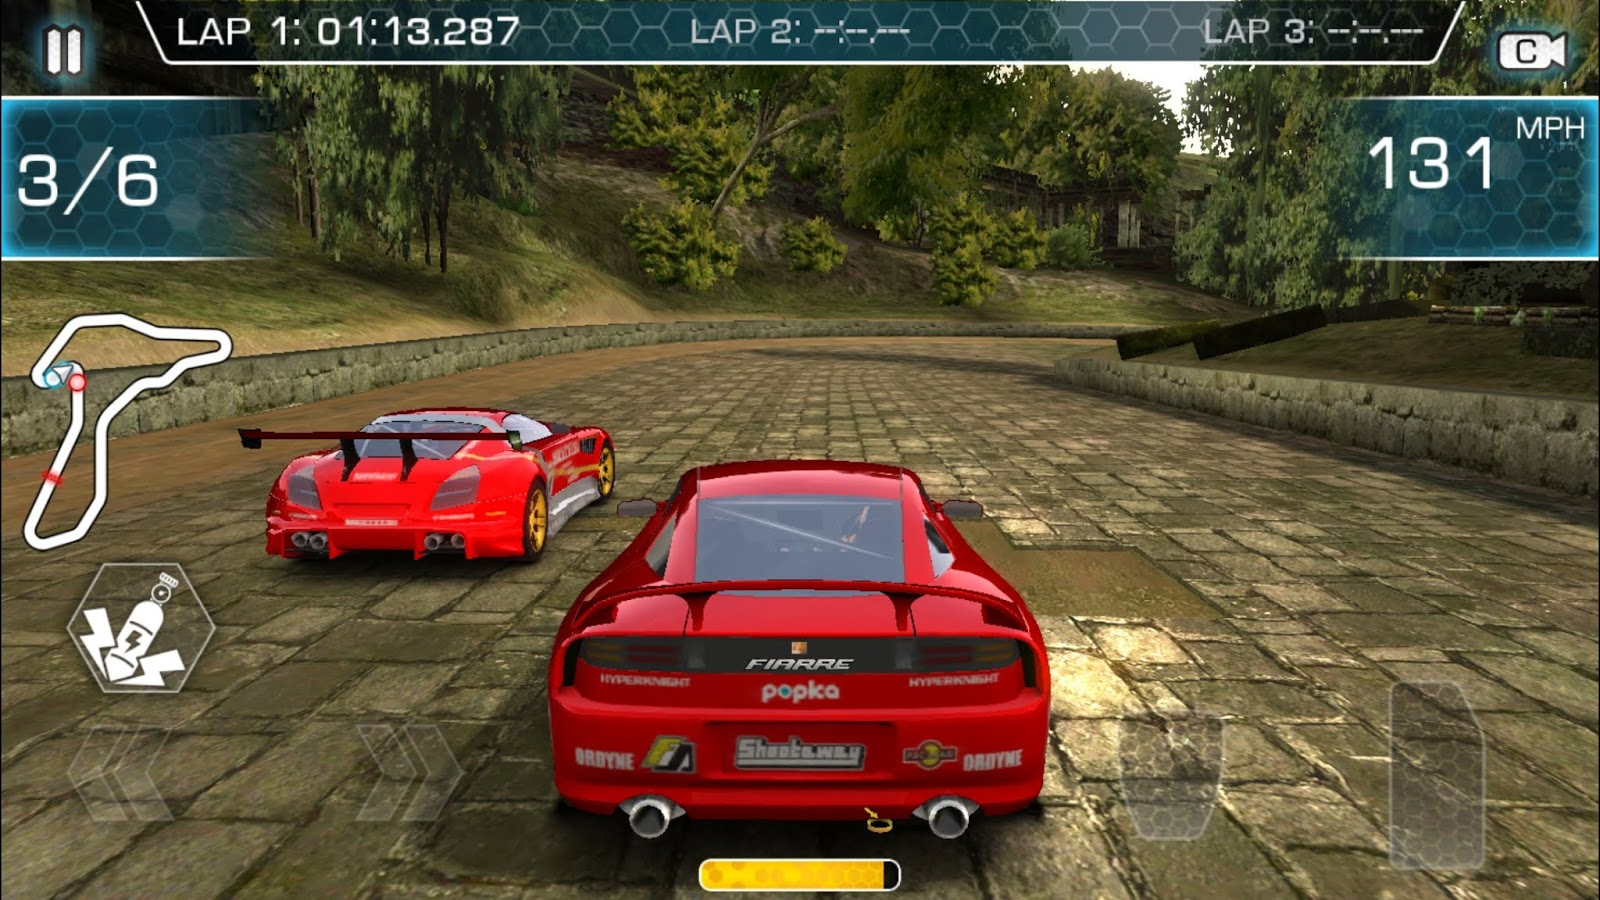 تحميل العاب سيارات Car Games للكمبيوتر والموبايل الاندرويد